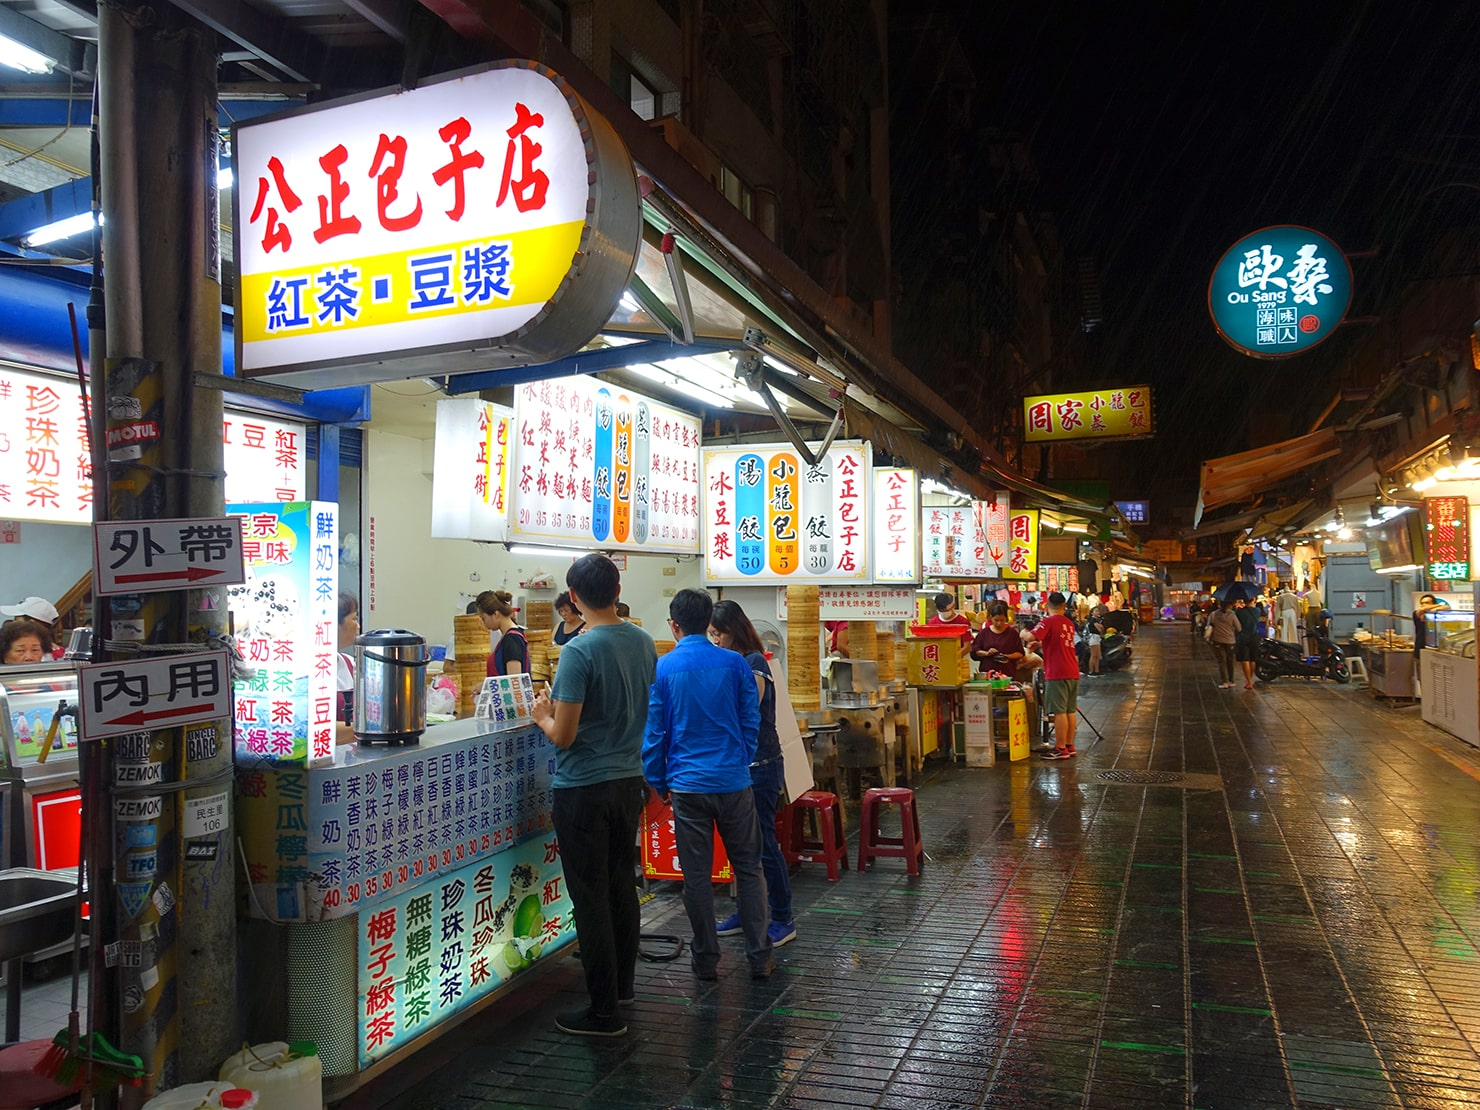 台湾・花蓮のおすすめ観光スポット「金三角商圈」の公正包子店